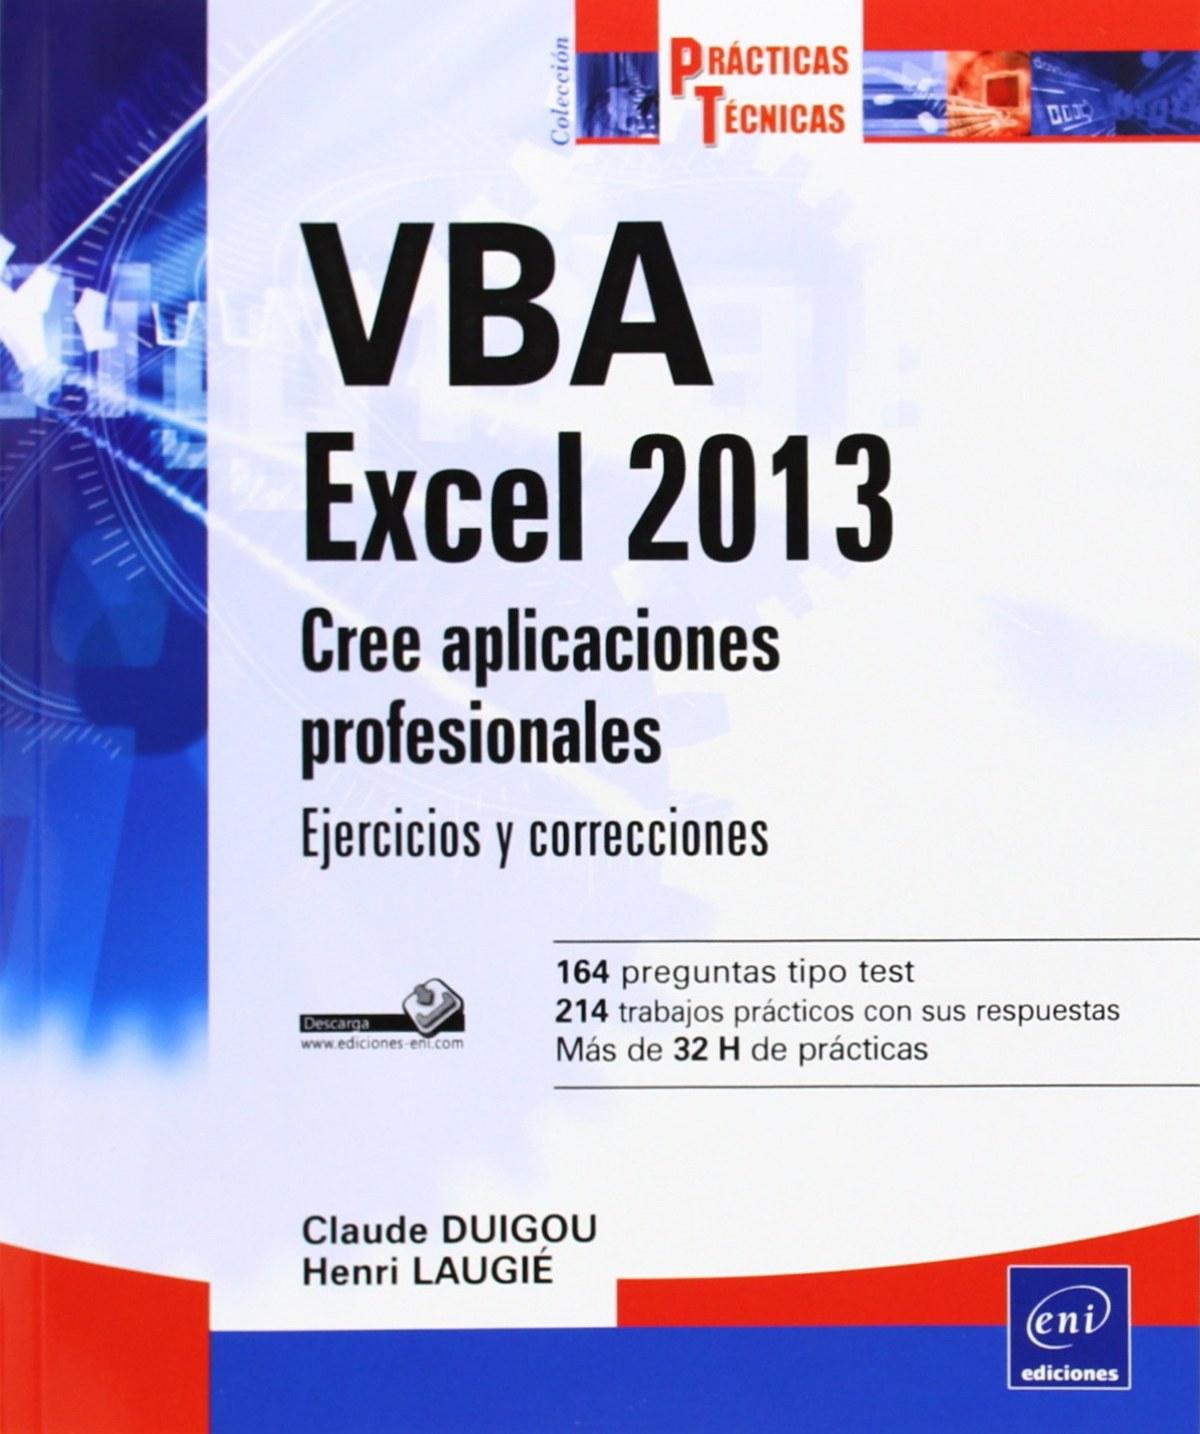 Prácticas Técnicas VBA EXCEL 2013